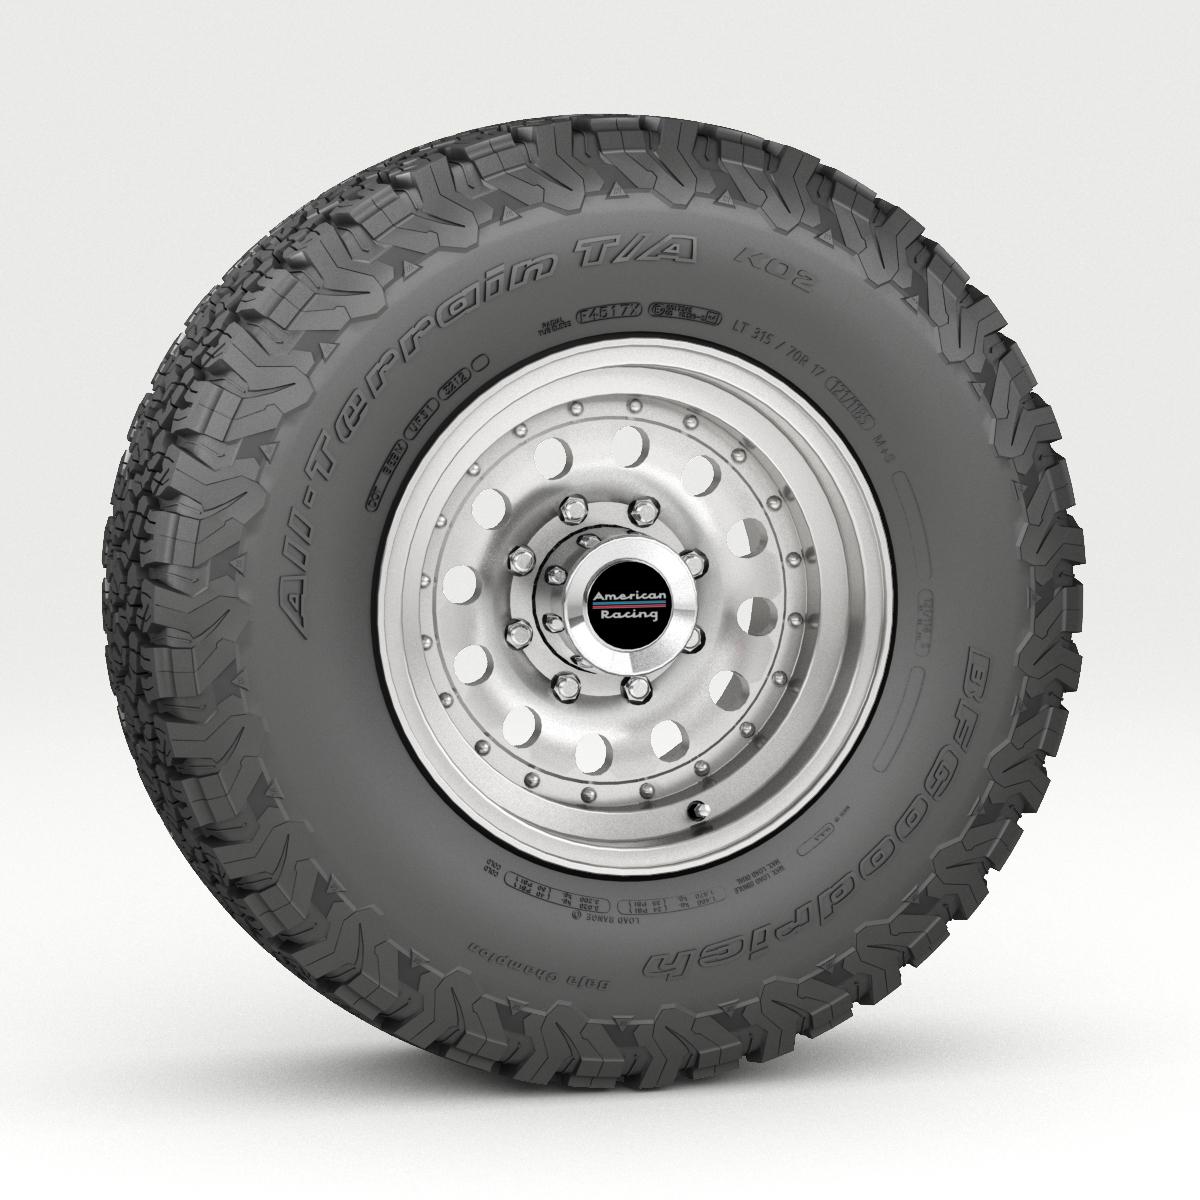 off road wheel and tire 5 3d model 3ds max fbx tga targa icb vda vst pix obj 224473